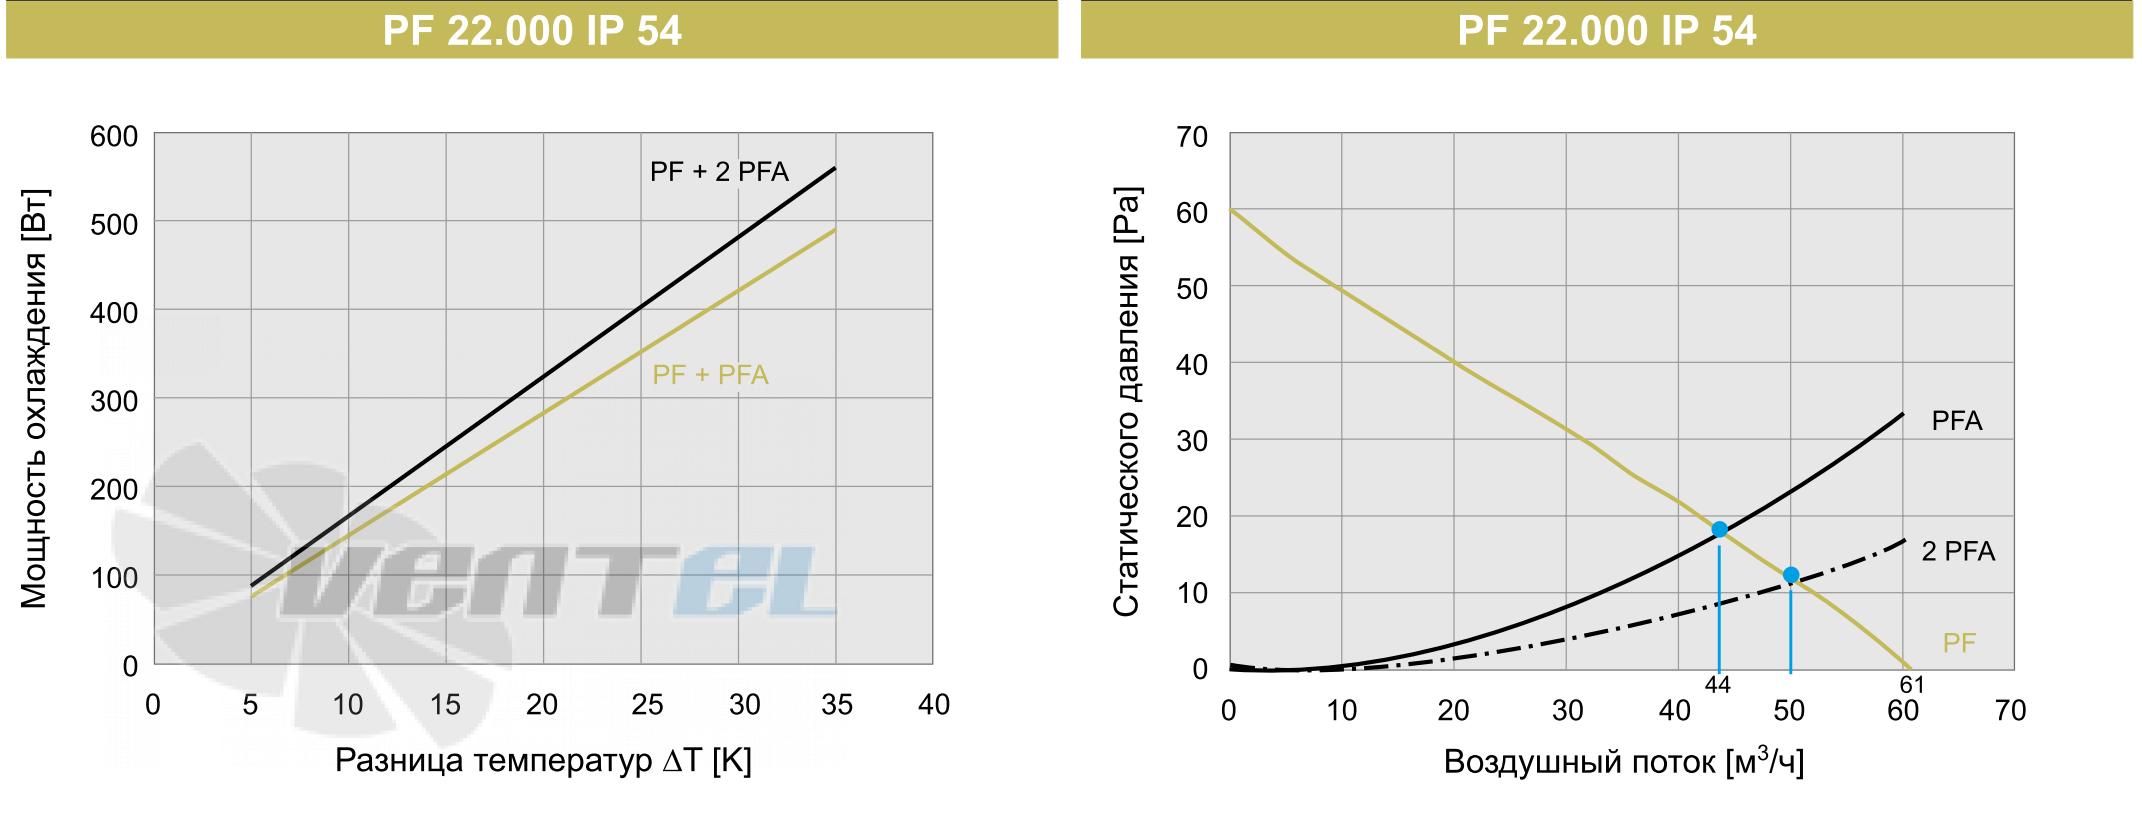 Графики производительности мощности и воздушного потока